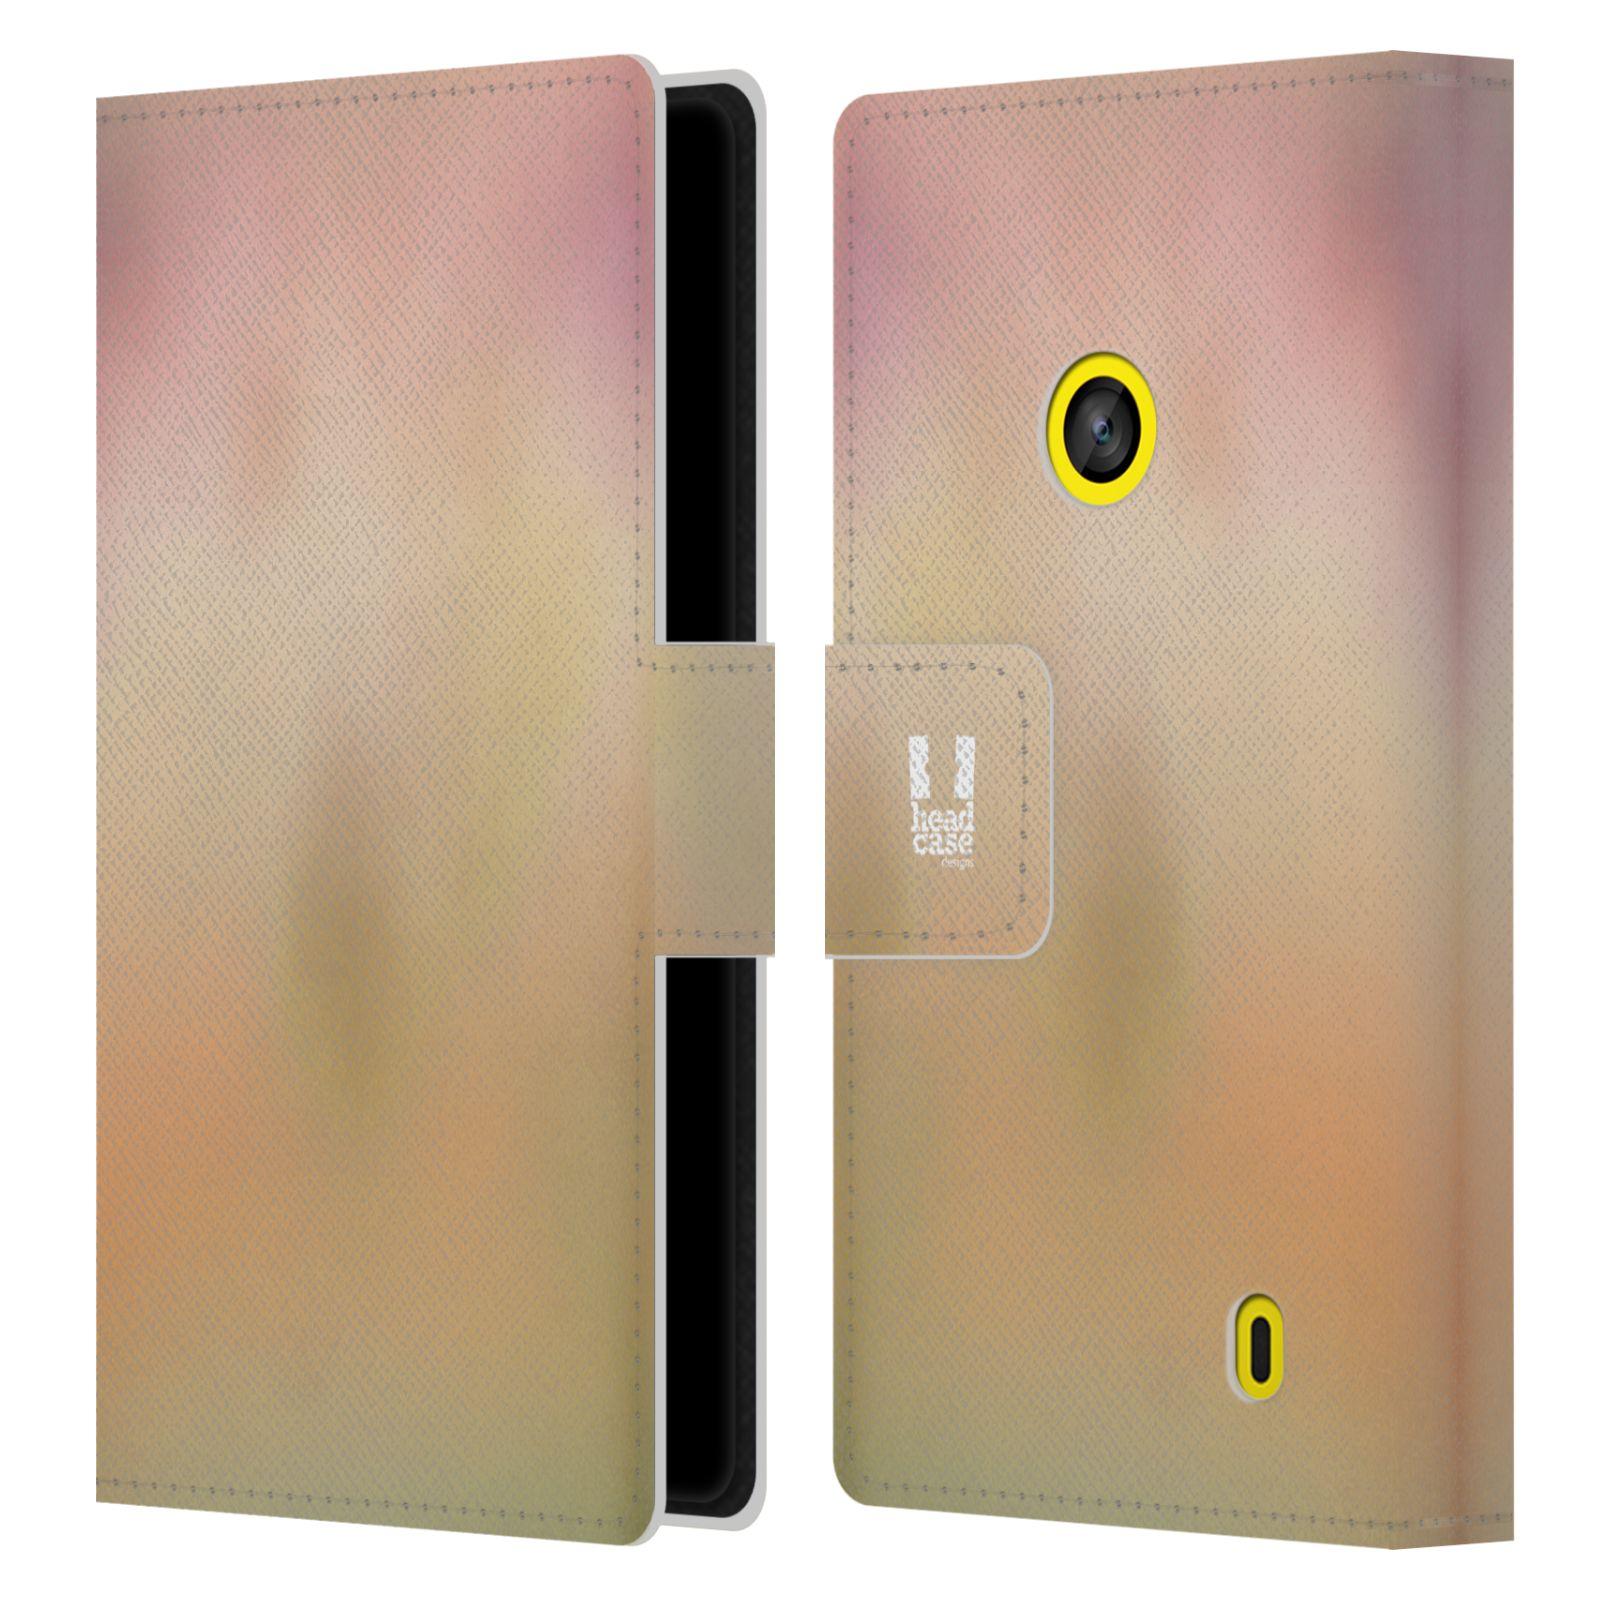 HEAD CASE Flipové pouzdro pro mobil NOKIA LUMIA 520 / 525 AQUAREL barvy NOSTALGIE